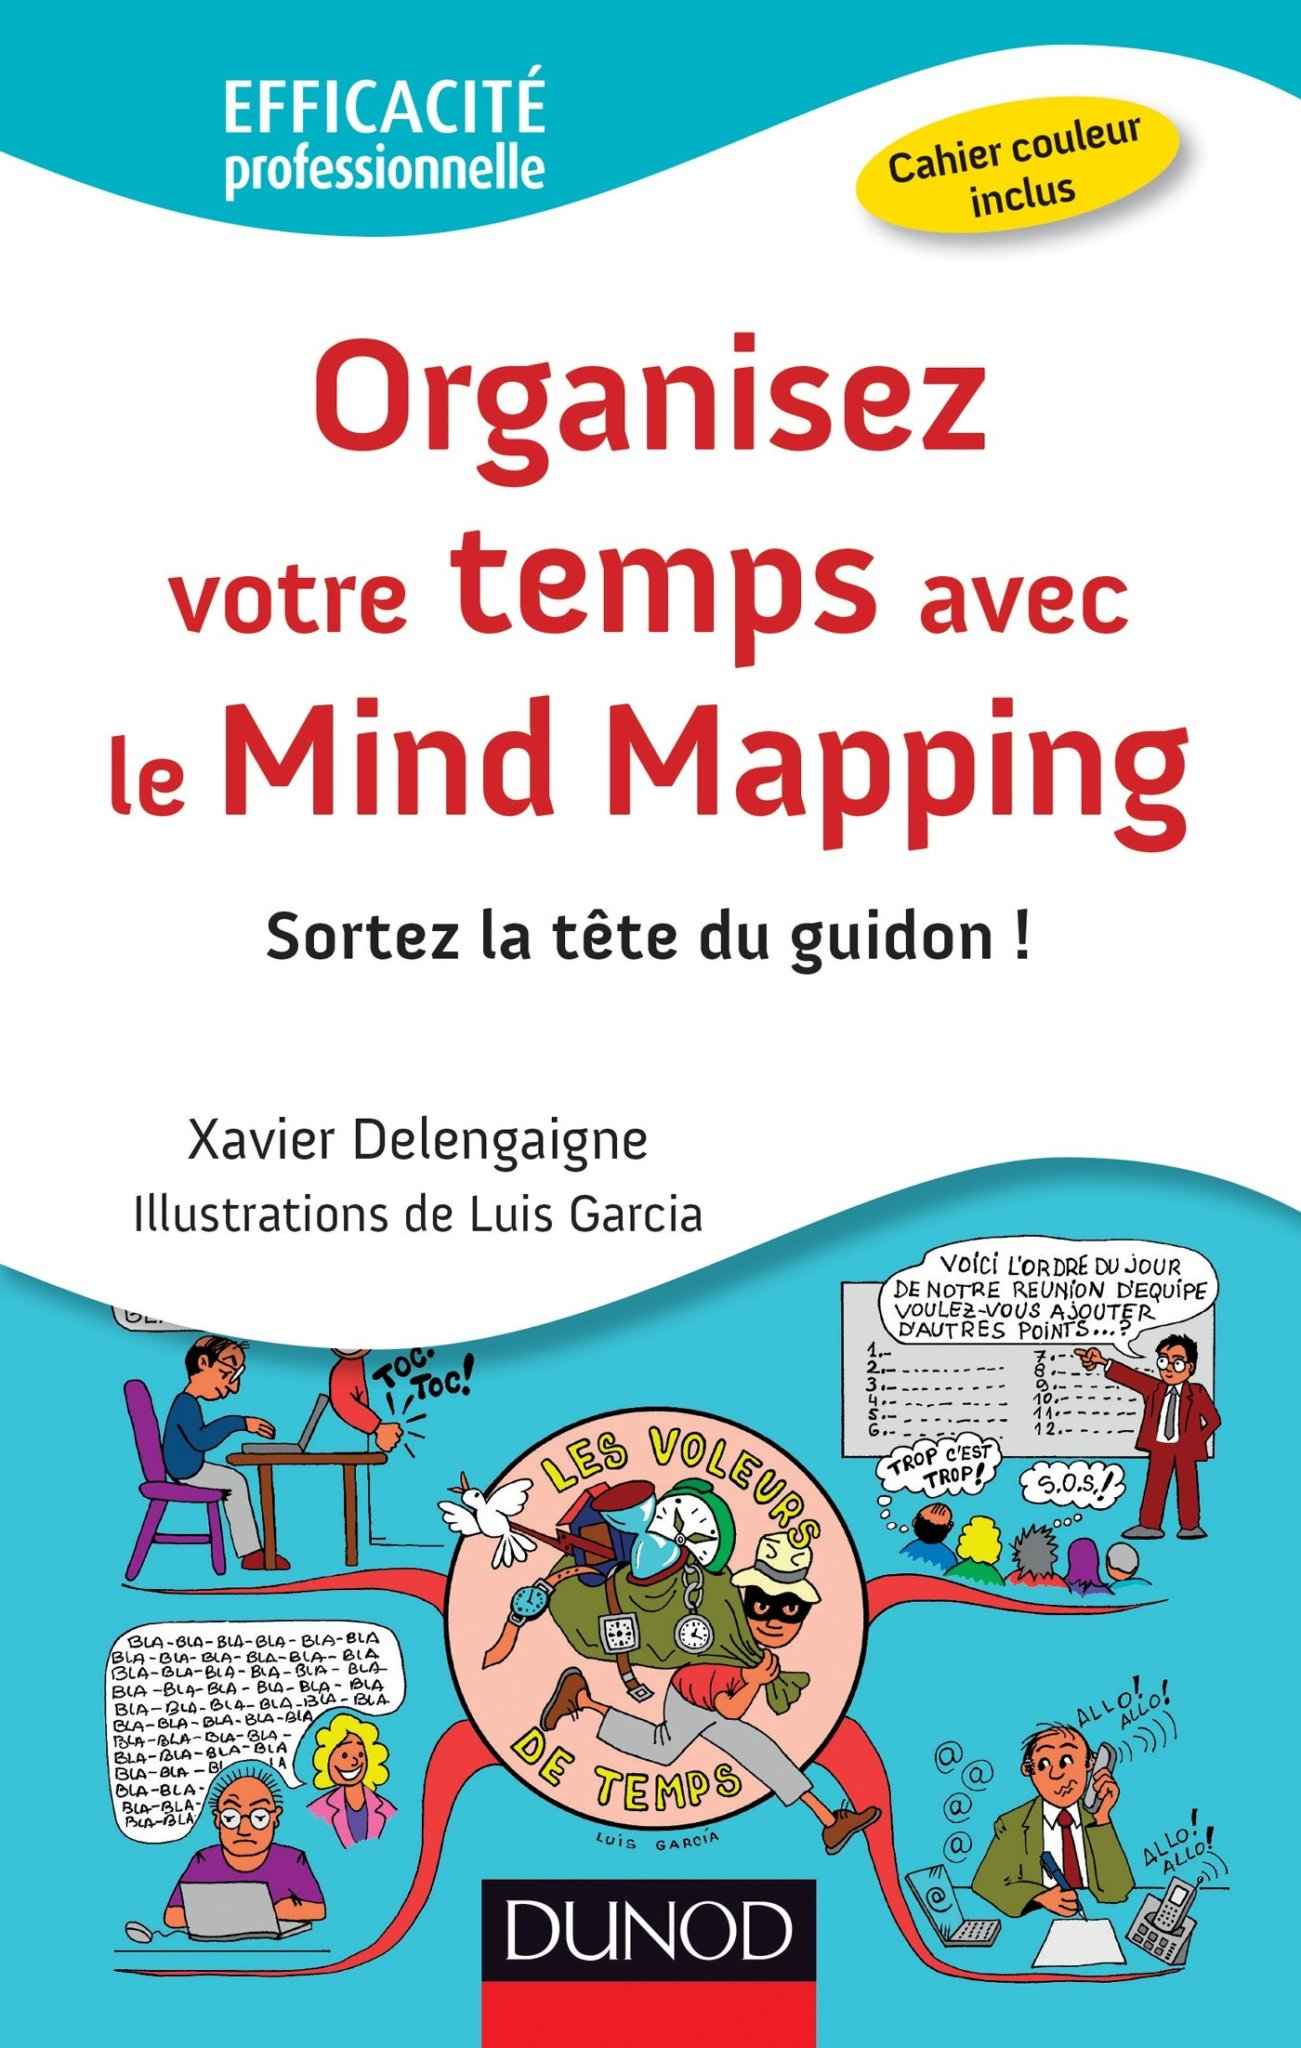 organisez-votre-temps-avec-le-mind-mapping